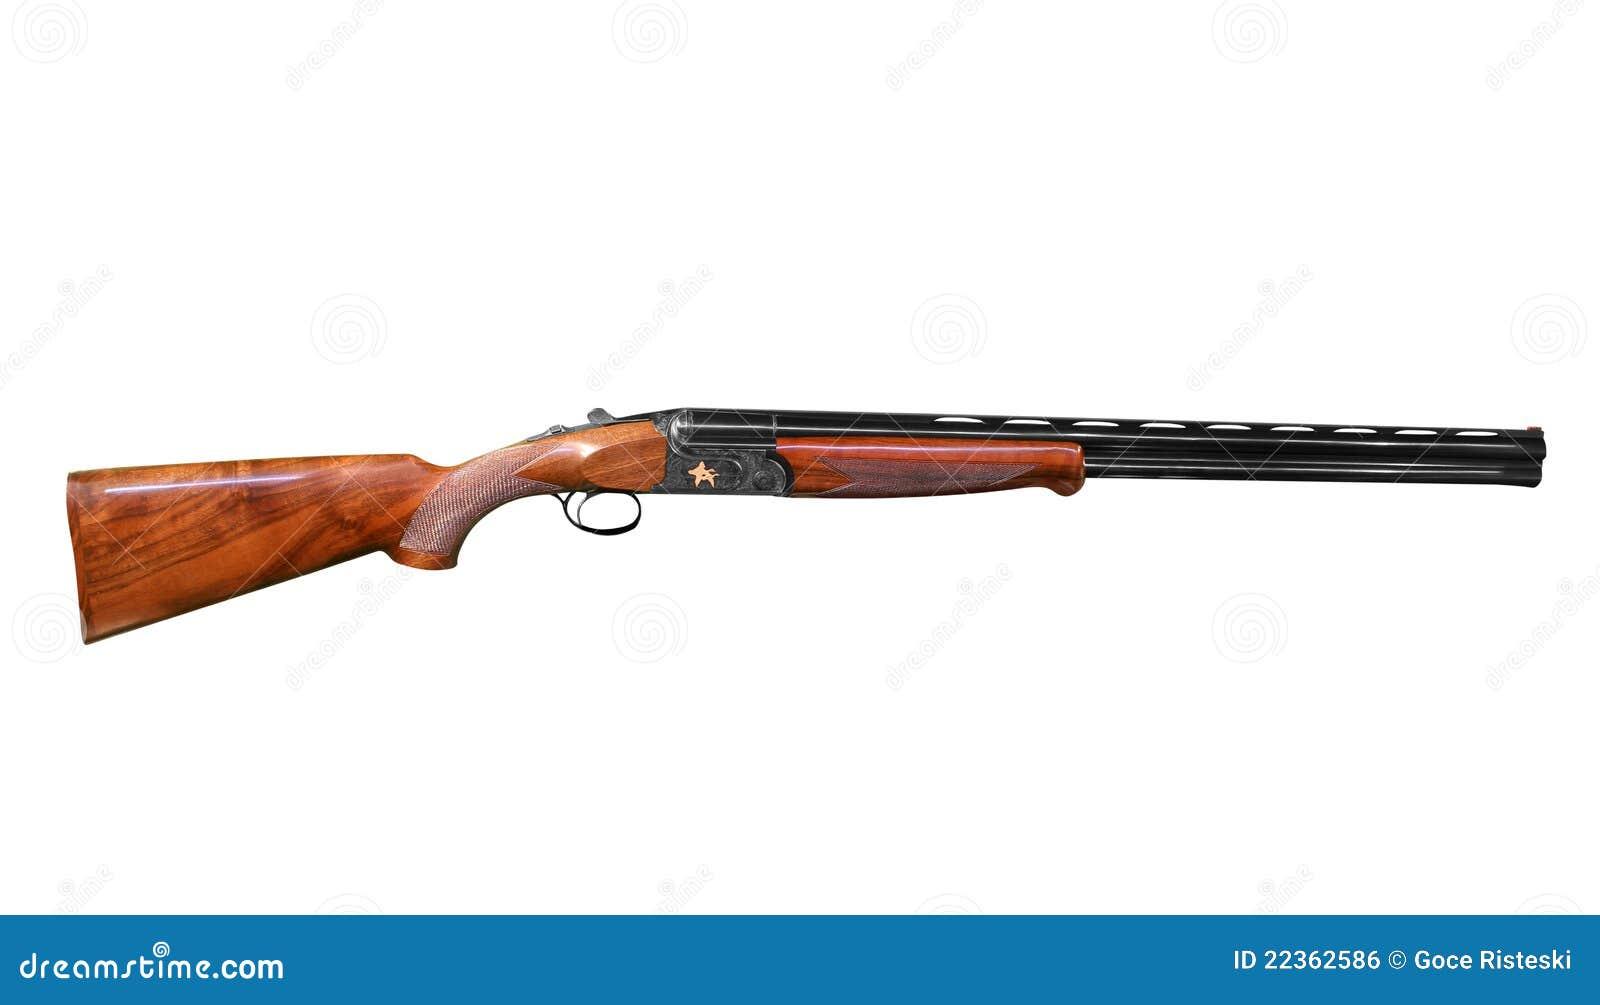 Hunting Shotgun Royalty Free Stock Image - Image: 22362586